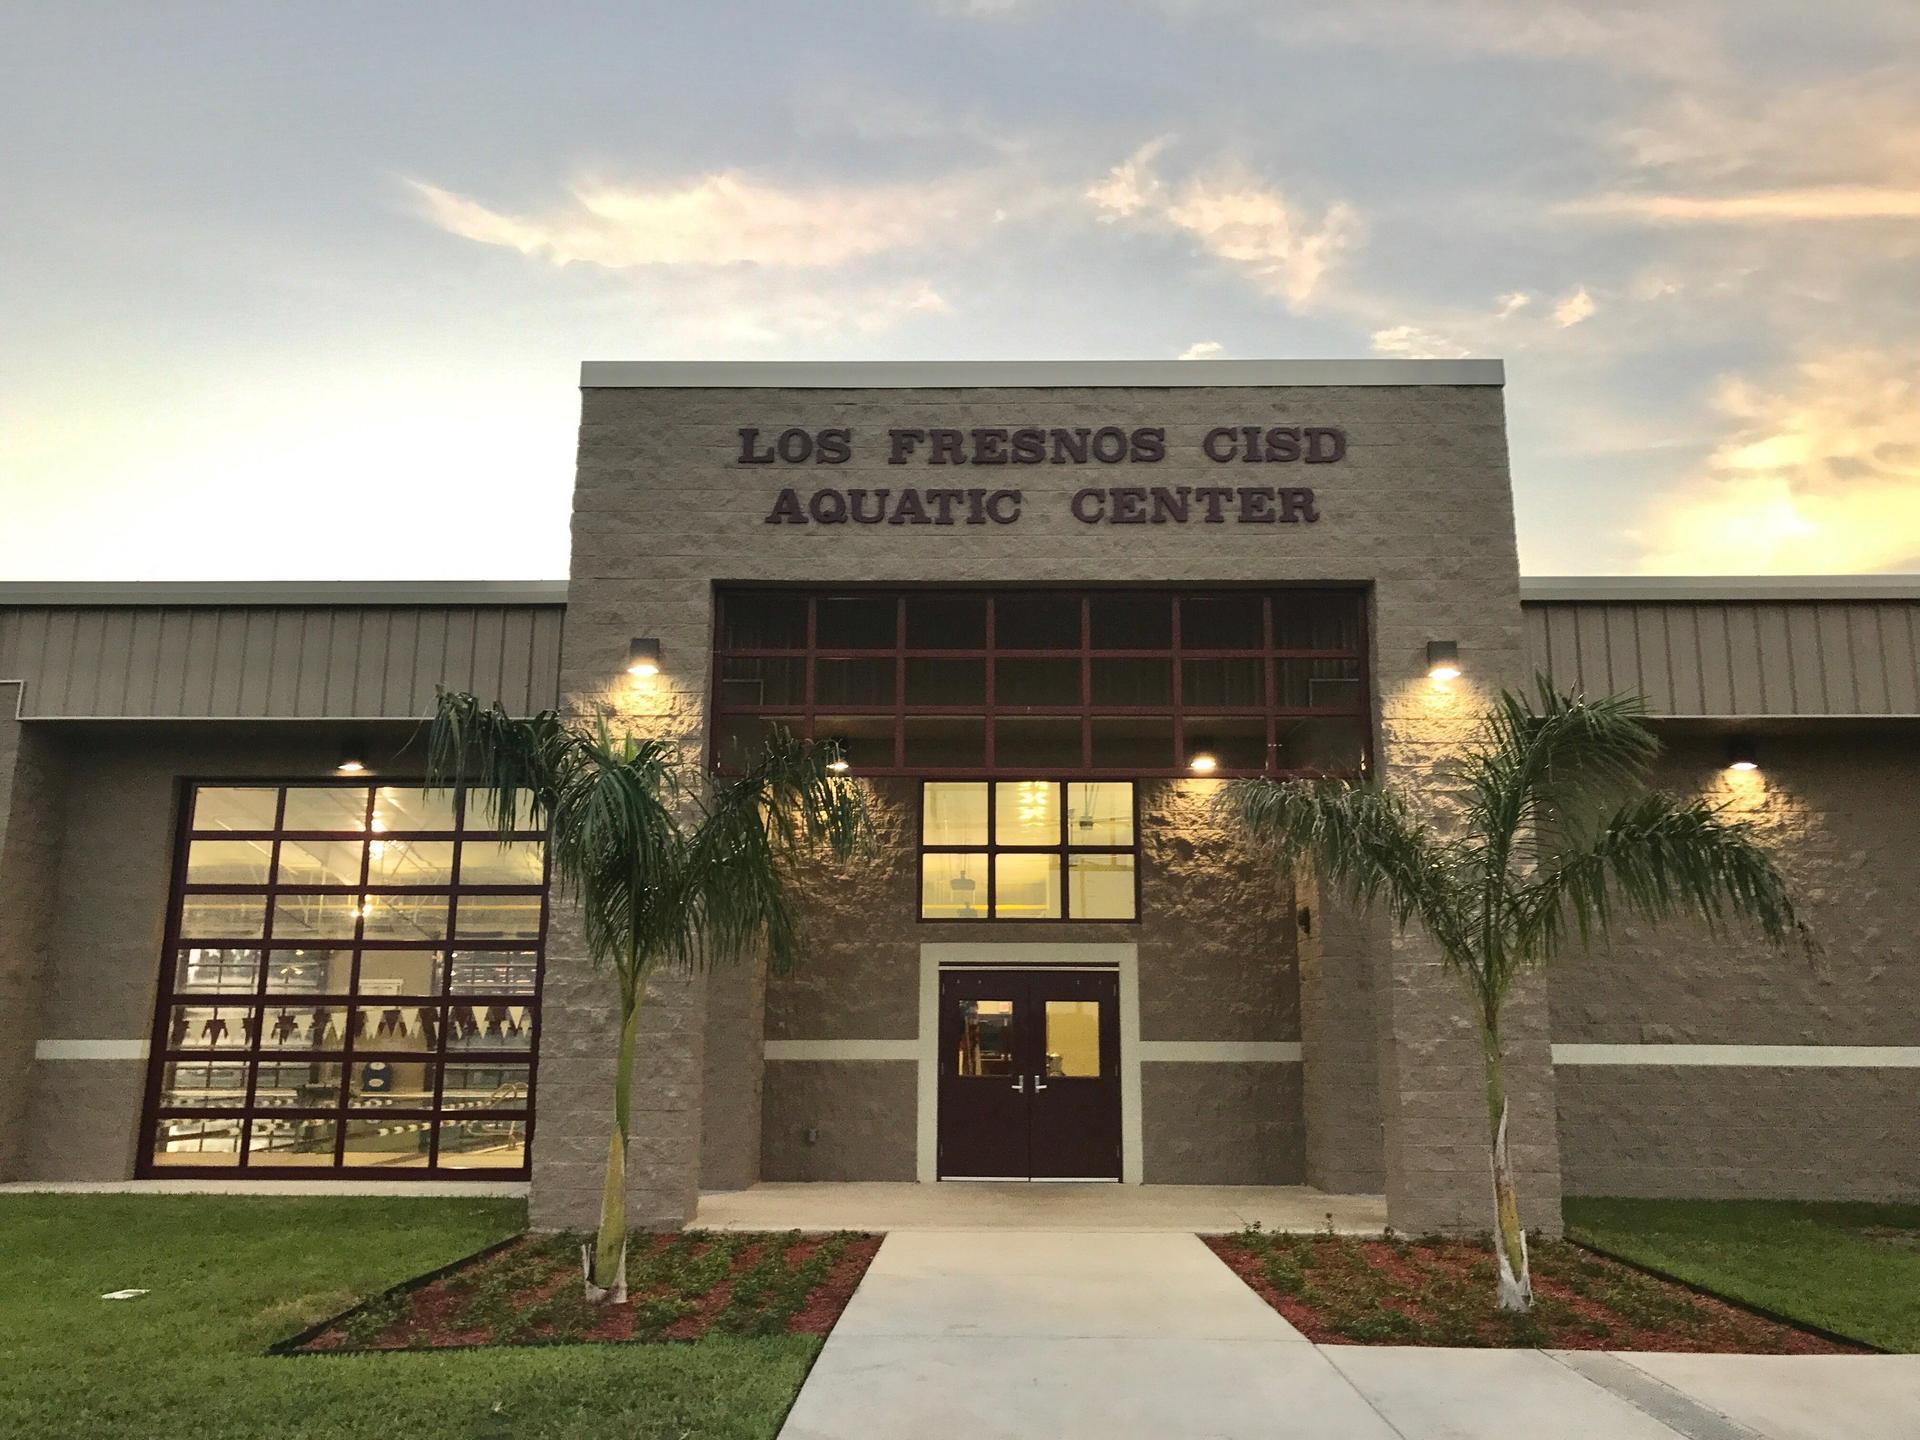 Los fresnos aquatic center